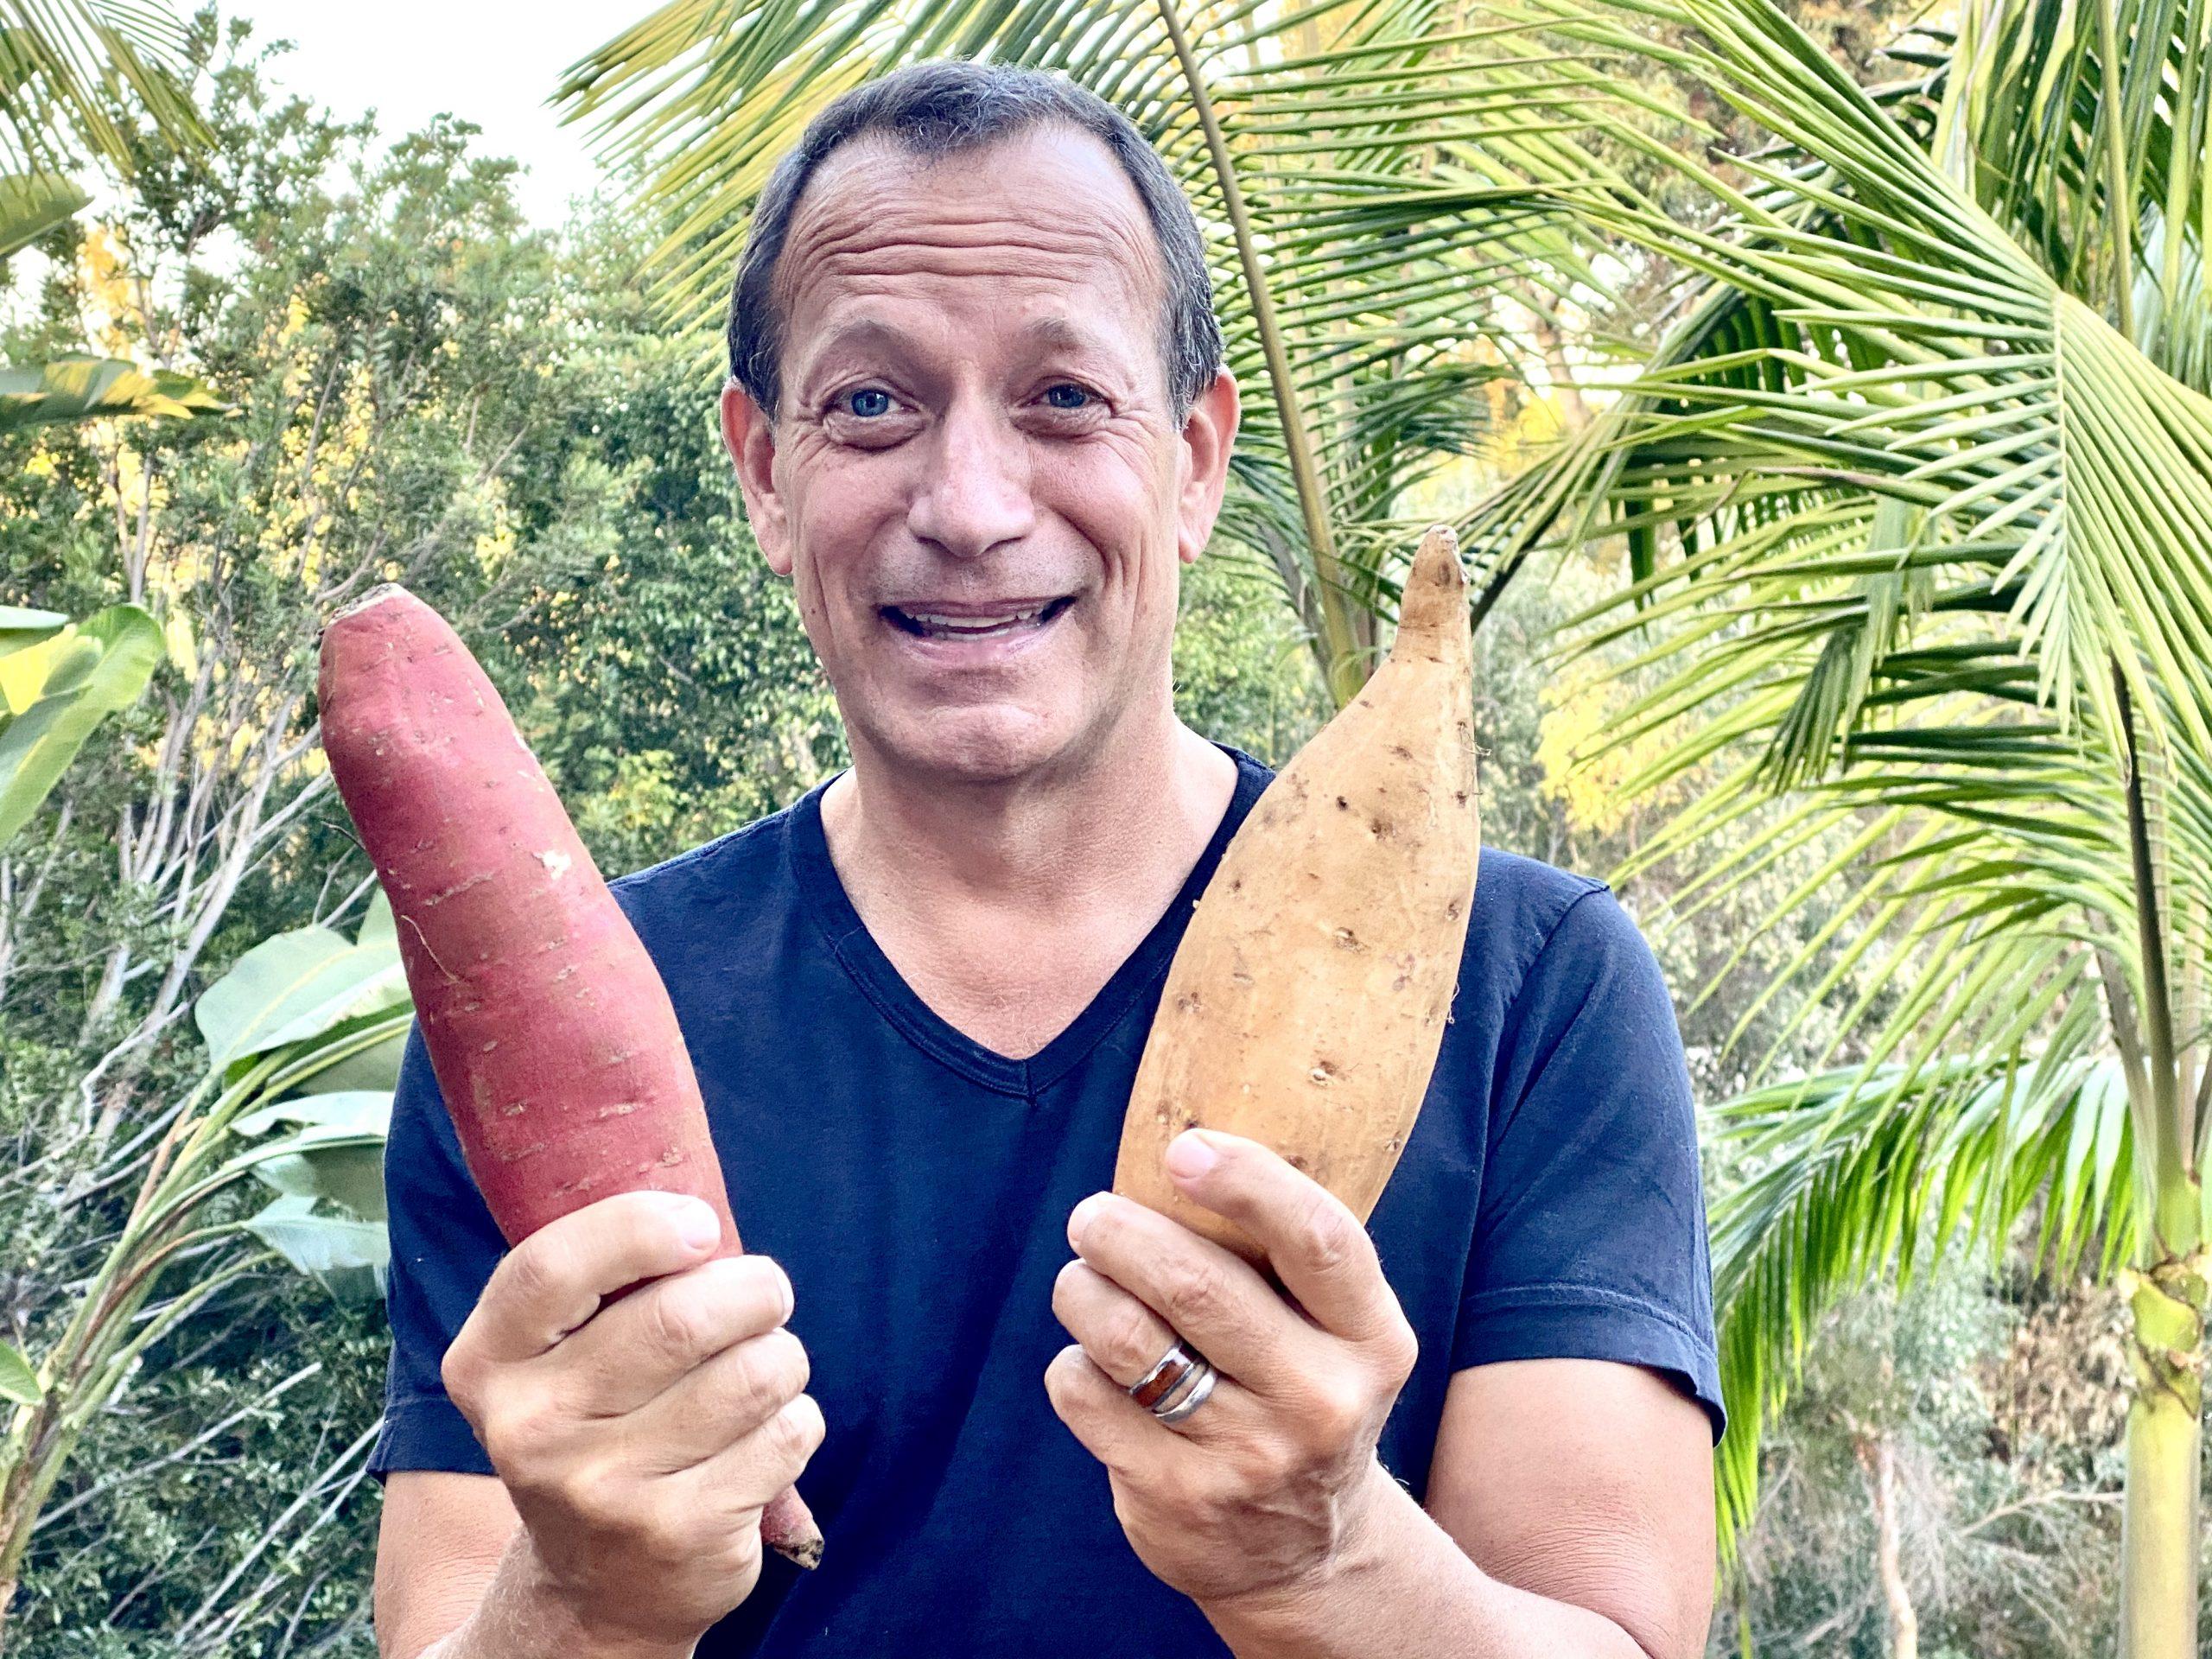 Man holding a sweet potato and a yam